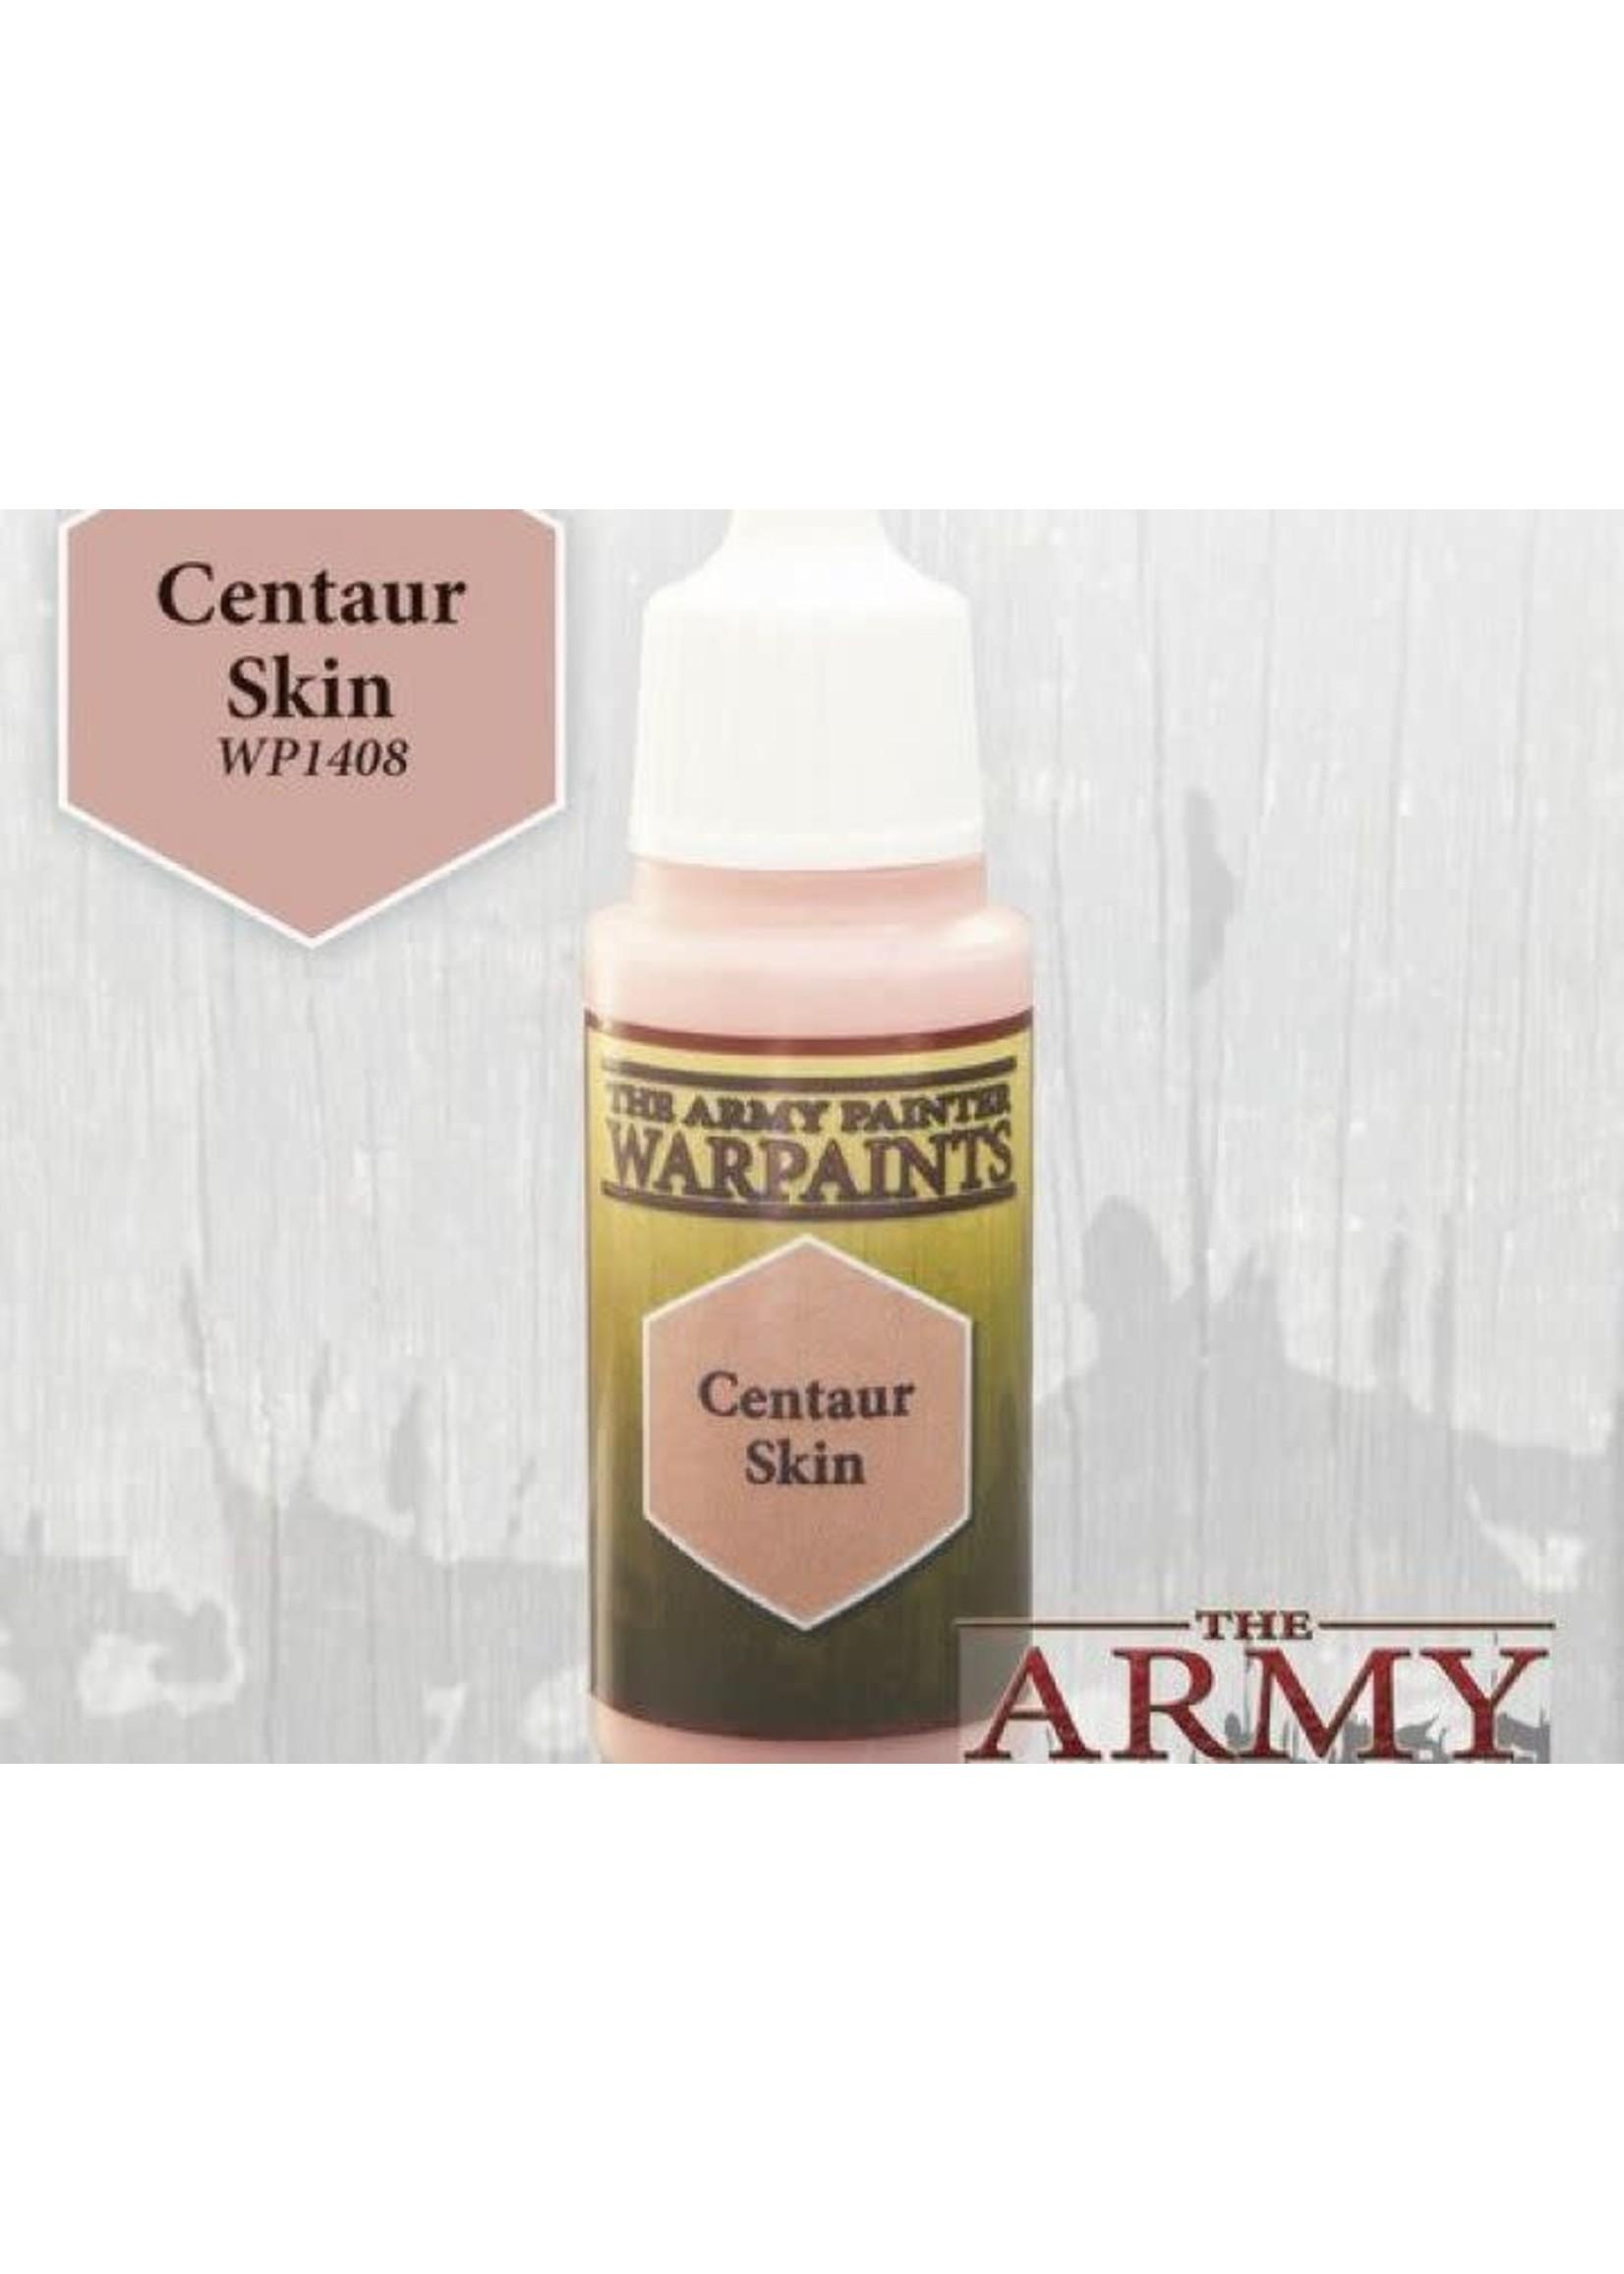 Army Painter Warpaints - Centaur Skin